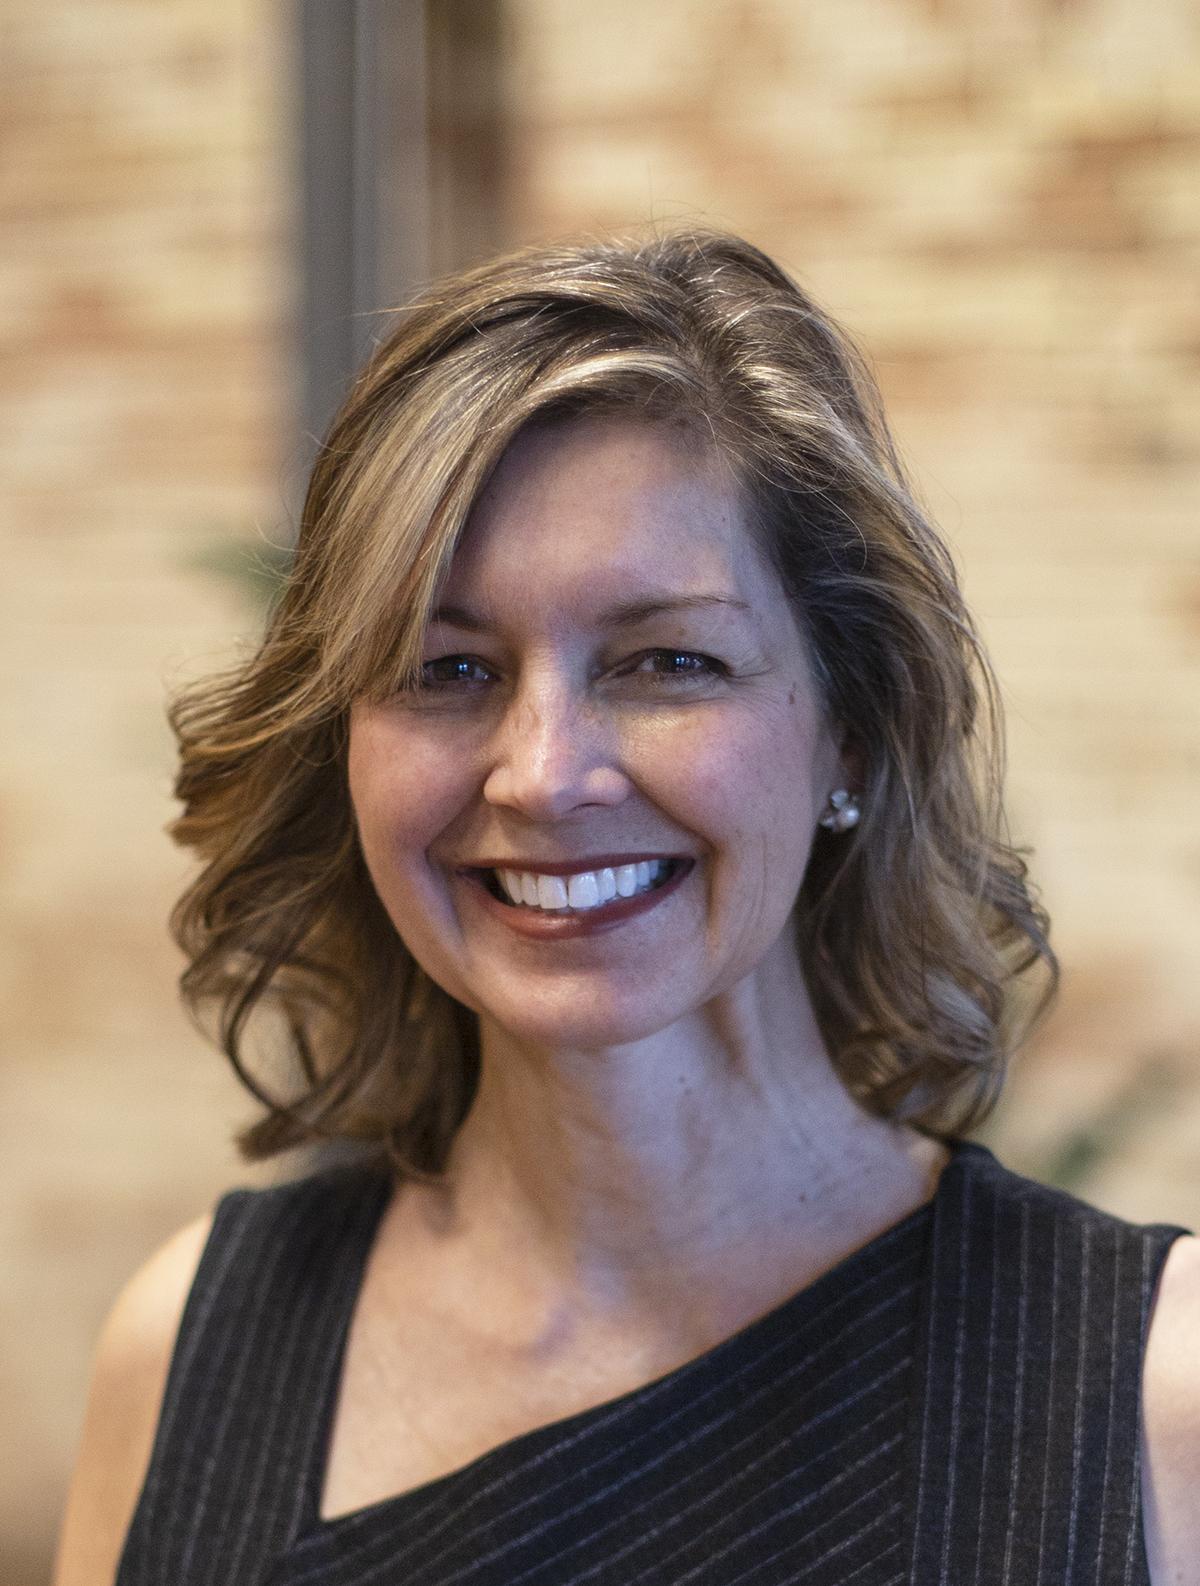 Kristin Ruthel Headshot 1.jpg